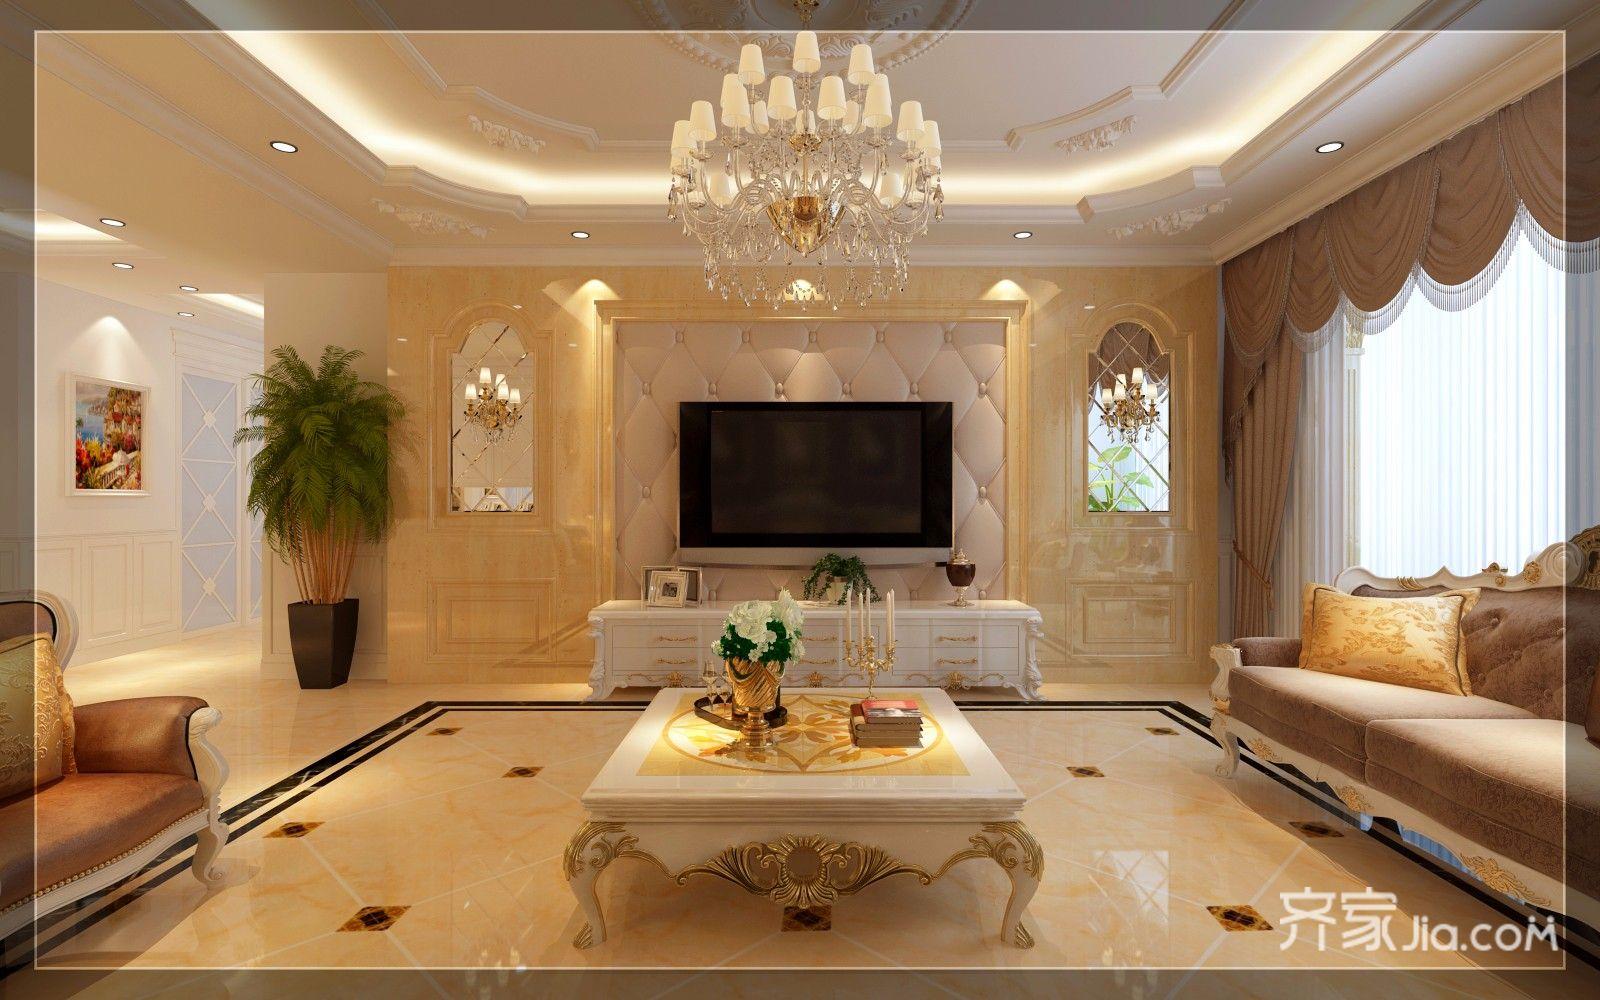 豪华欧式风格三居电视背景墙装修效果图